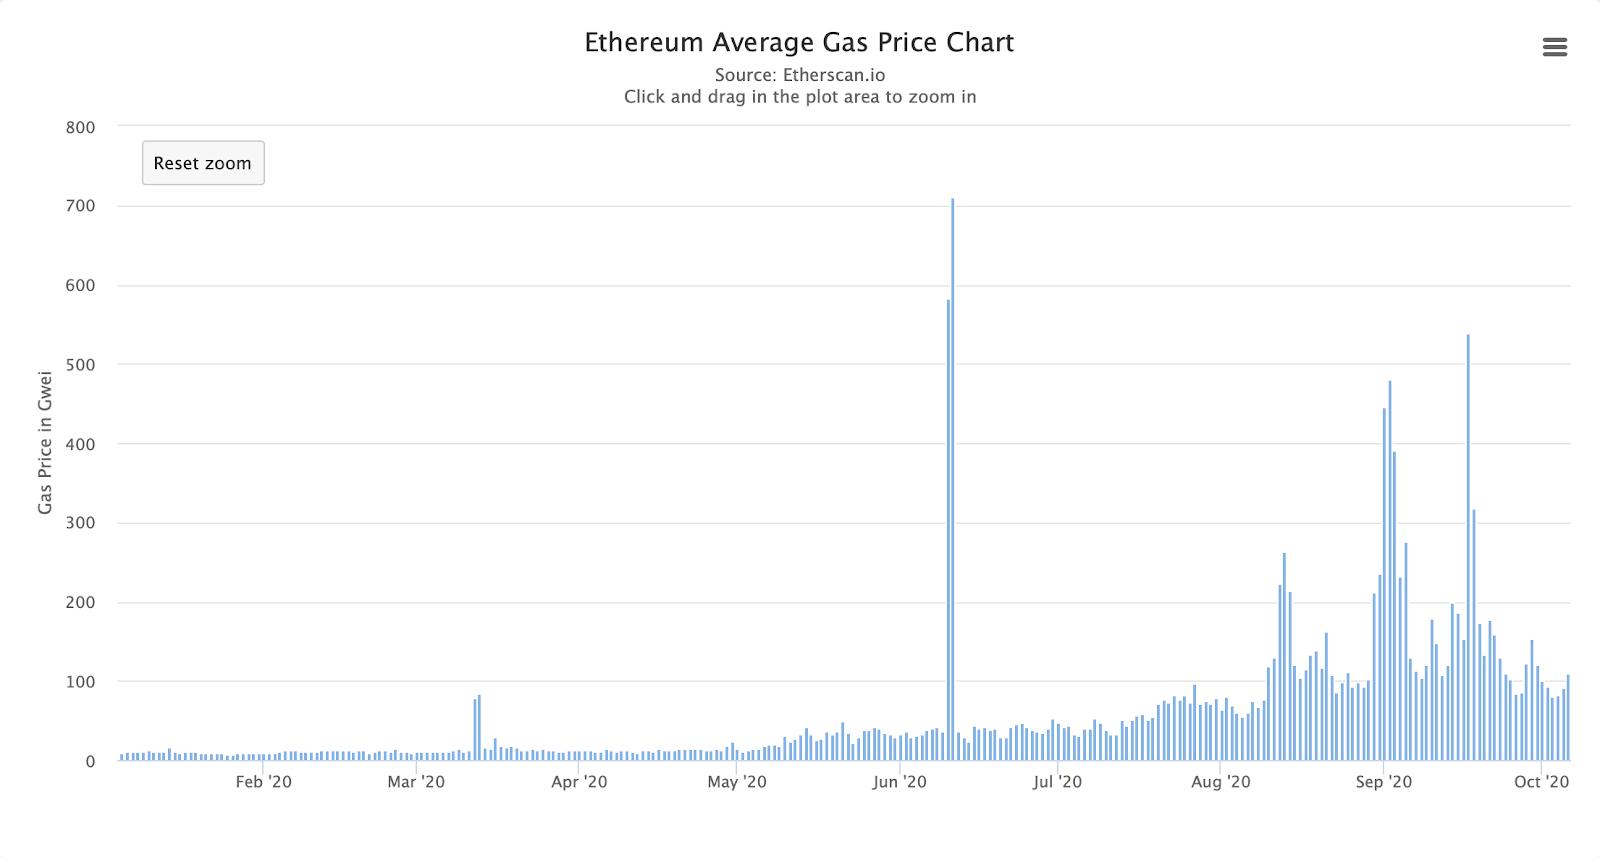 La tariffa media del gas è stata irragionevolmente alta per mesi